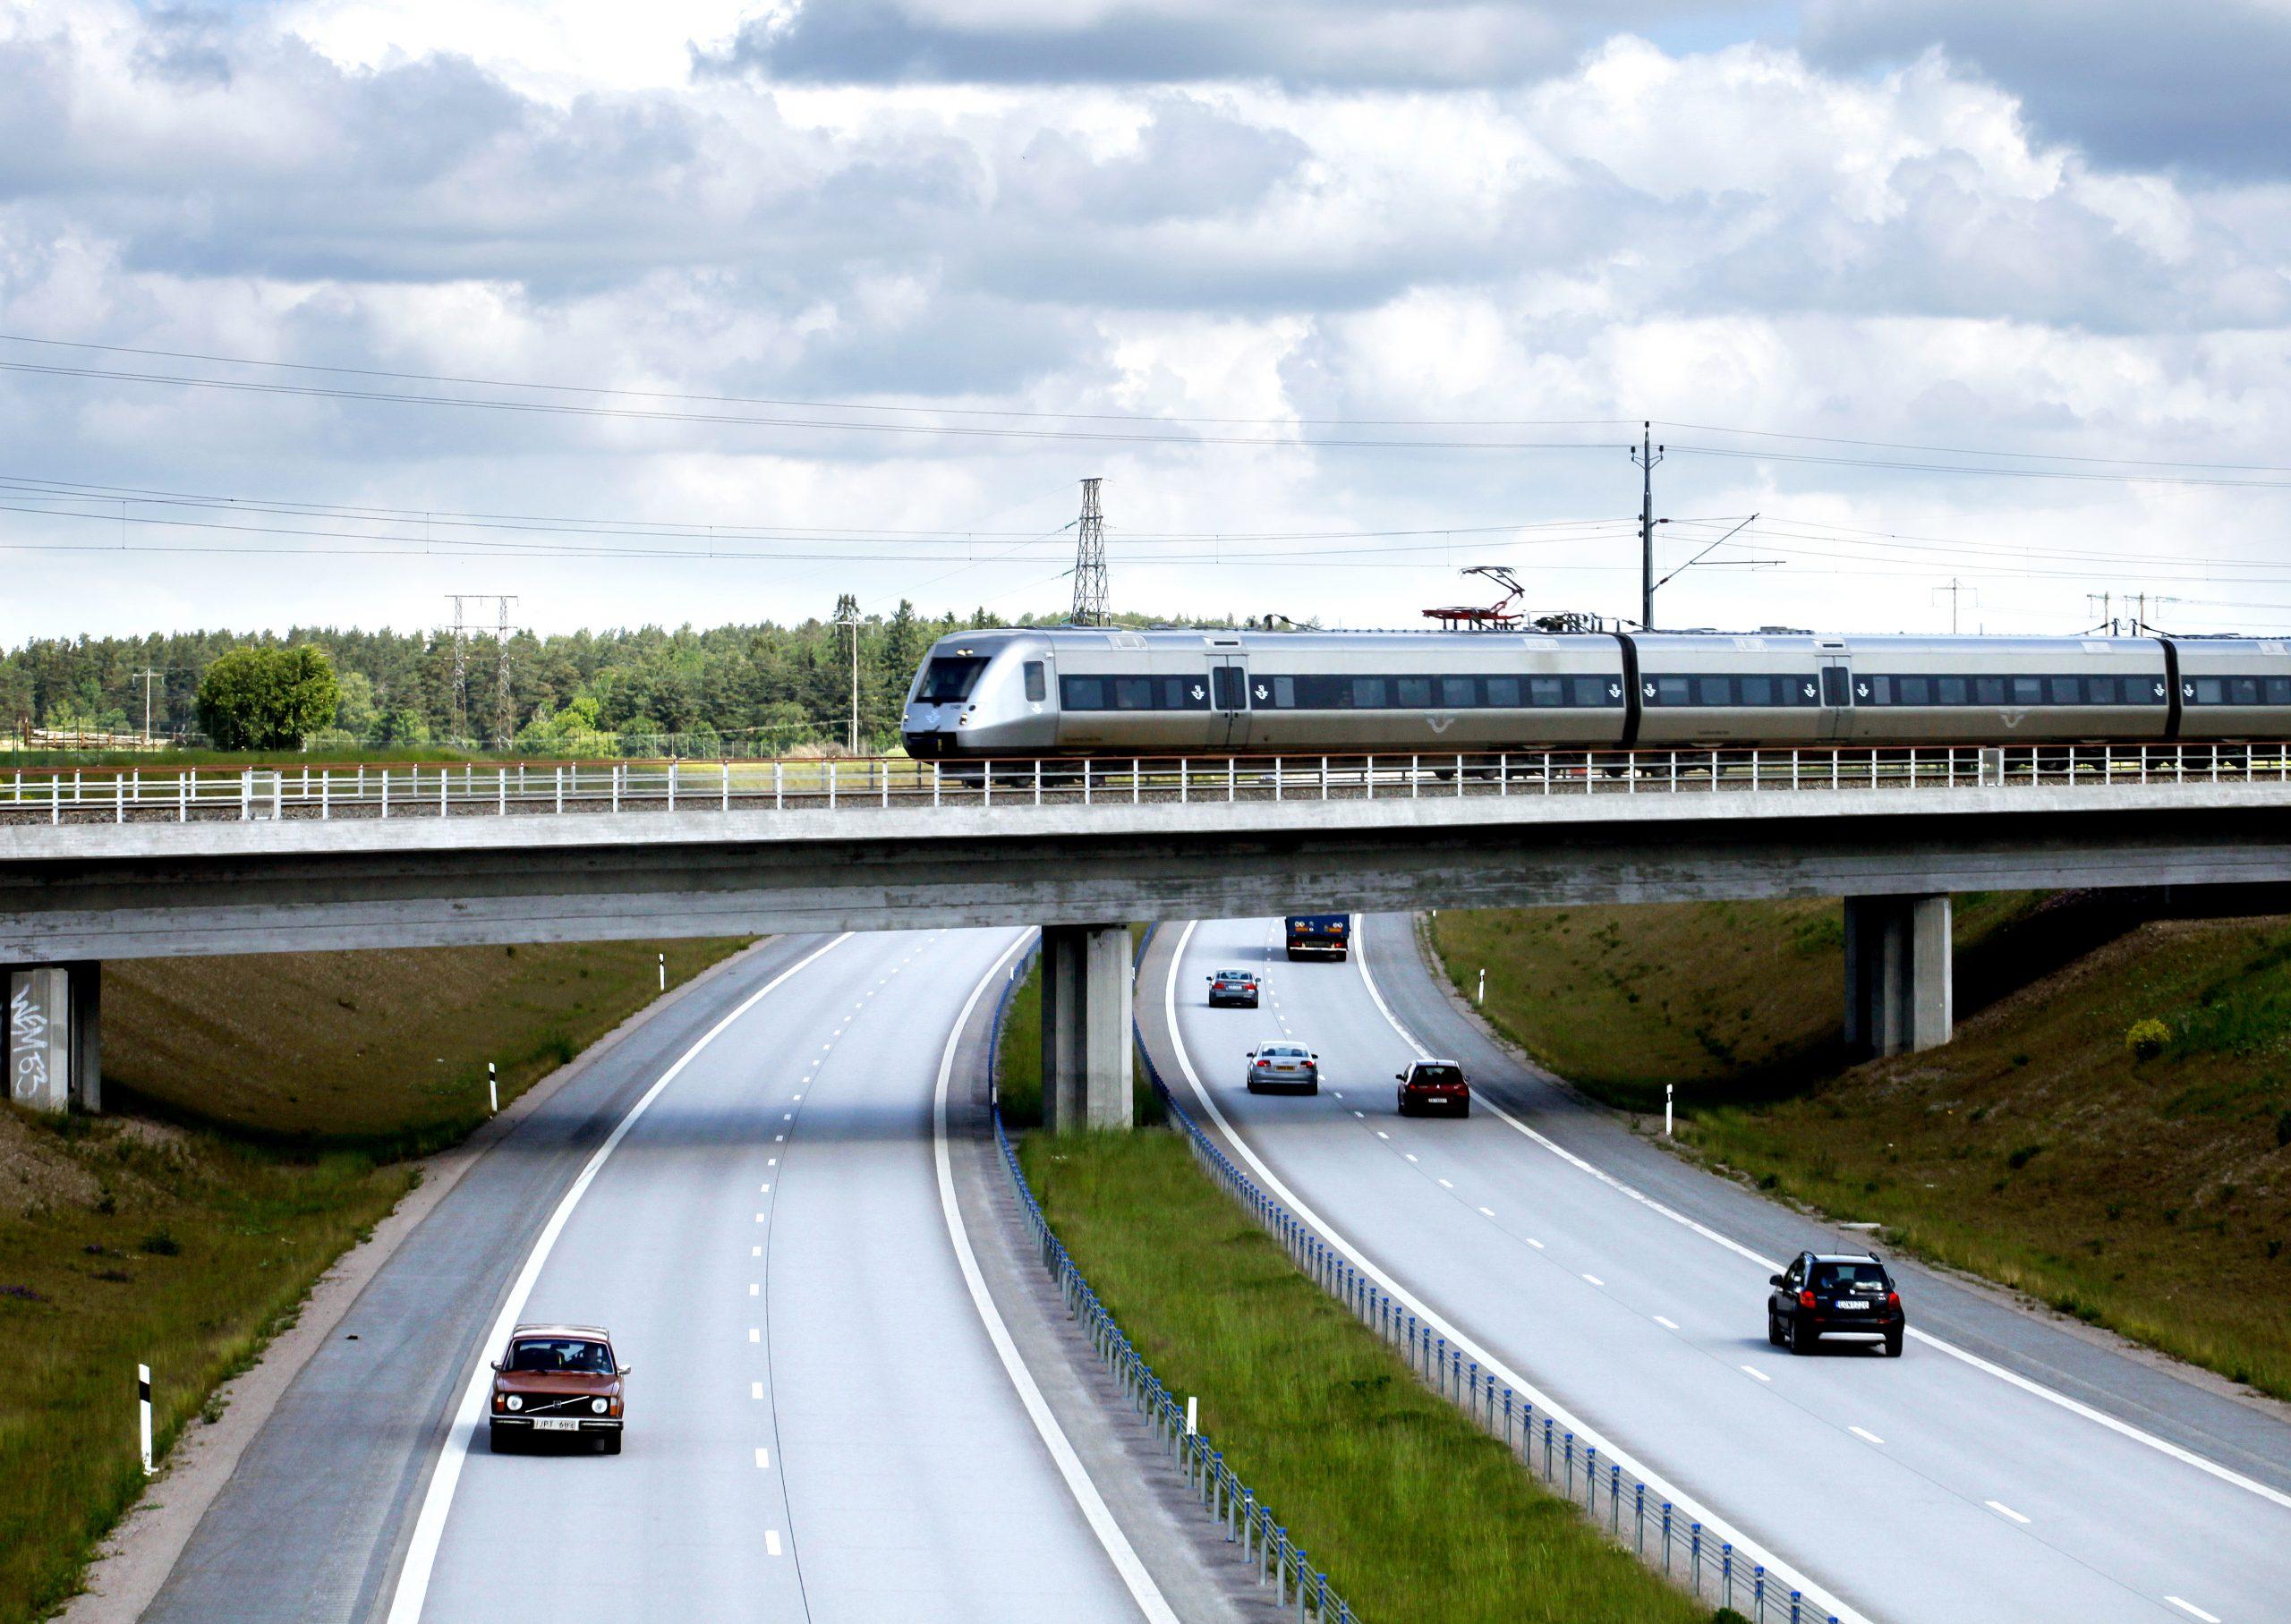 Holder planerne, så vil Sverige og Norge i starten af næste årti tilbyde højhastighedstog mellem Stockholm og Oslo, en tur på tre timer til den tid mod i dag fem timer. Arkivpressefoto fra SJ: Stefan Nilsson.